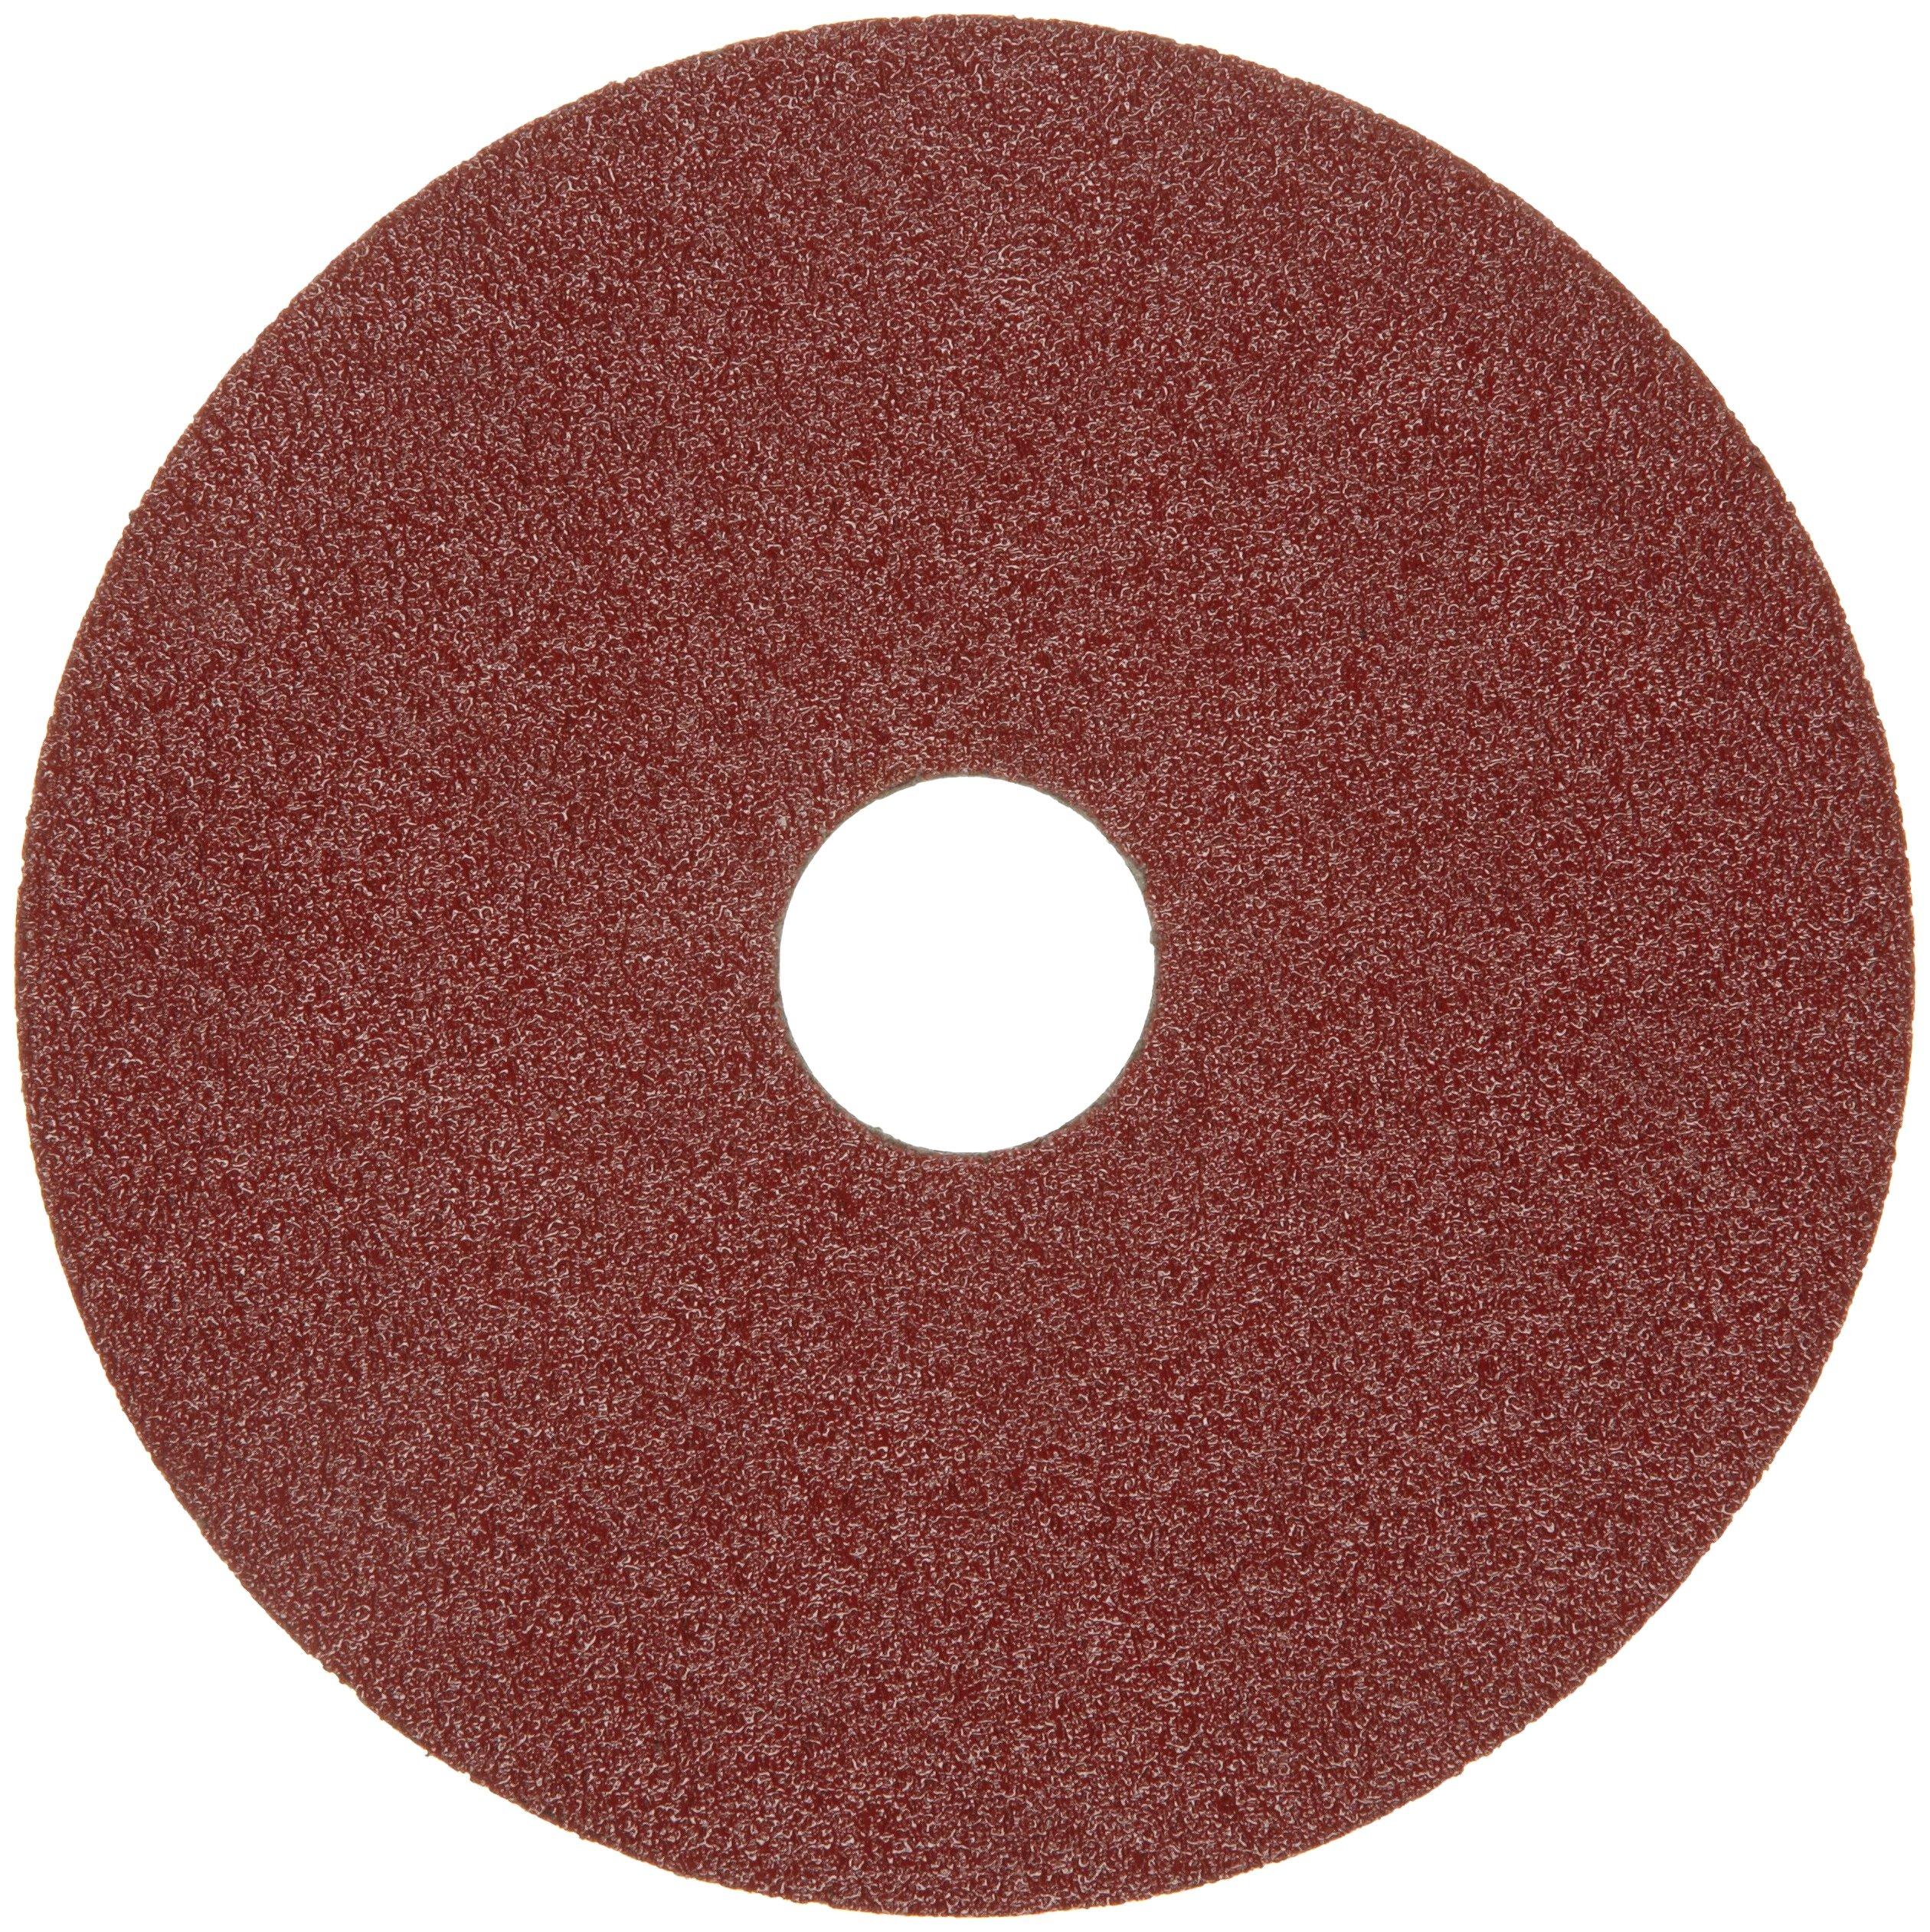 Merit Resin Abrasive Disc, Fiber Backing, Aluminum Oxide, 7/8'' Arbor, 7'' Diameter, Grit 100 (Box of 25)